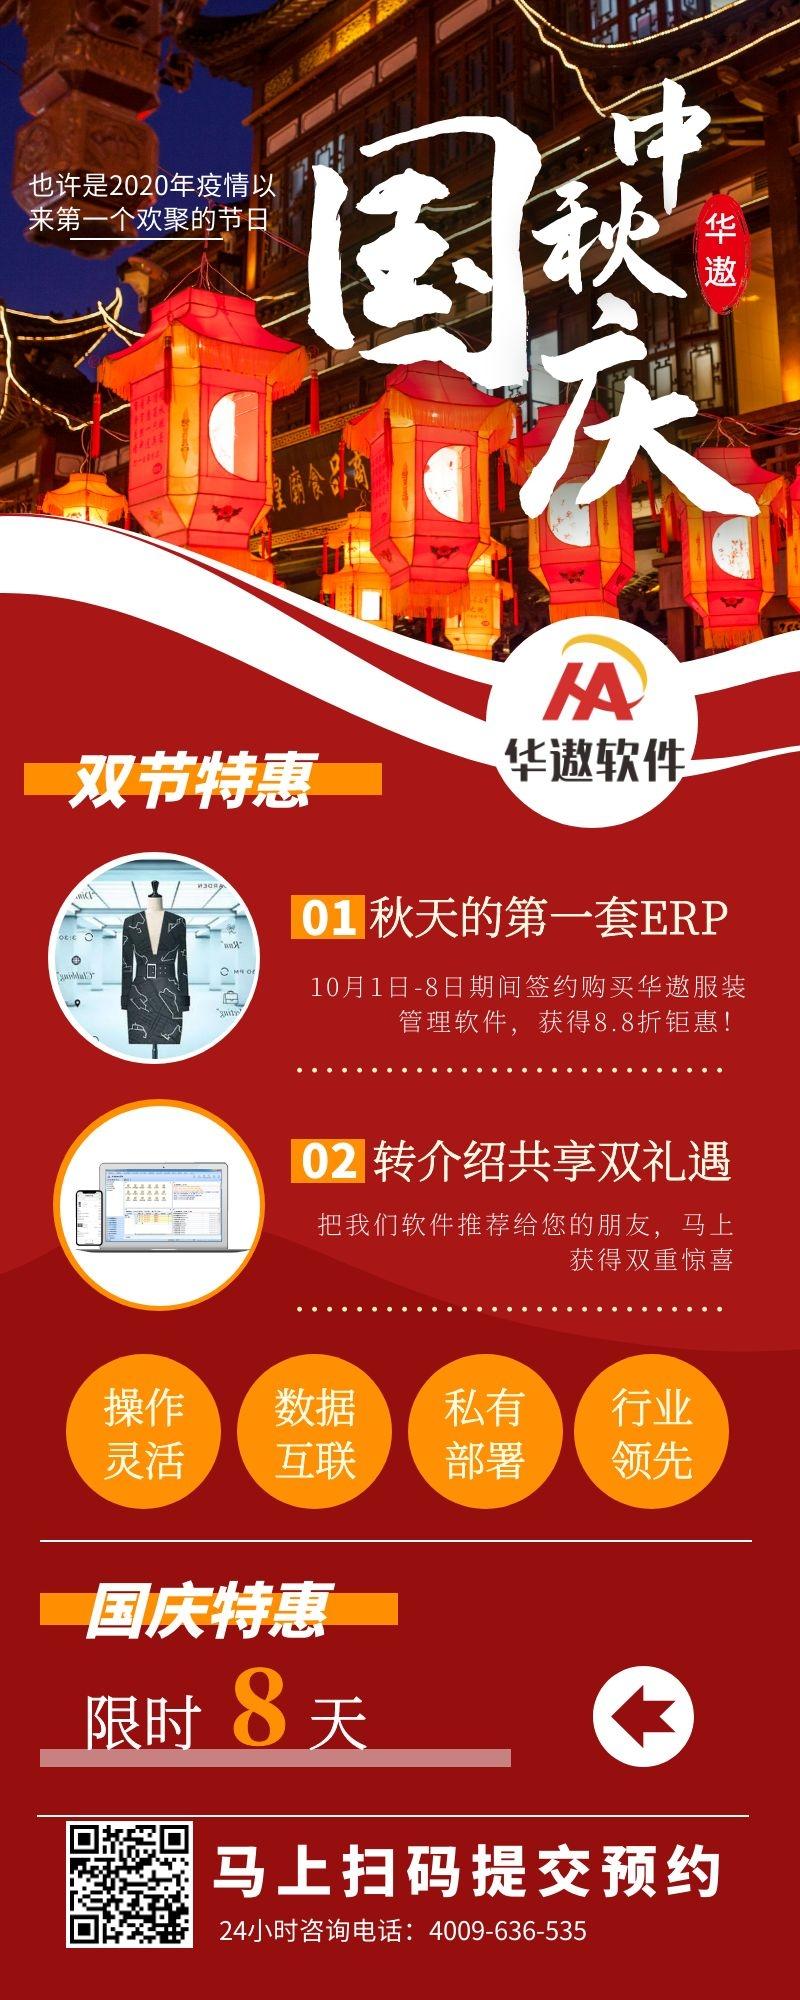 华遨服装管理软件双节特惠